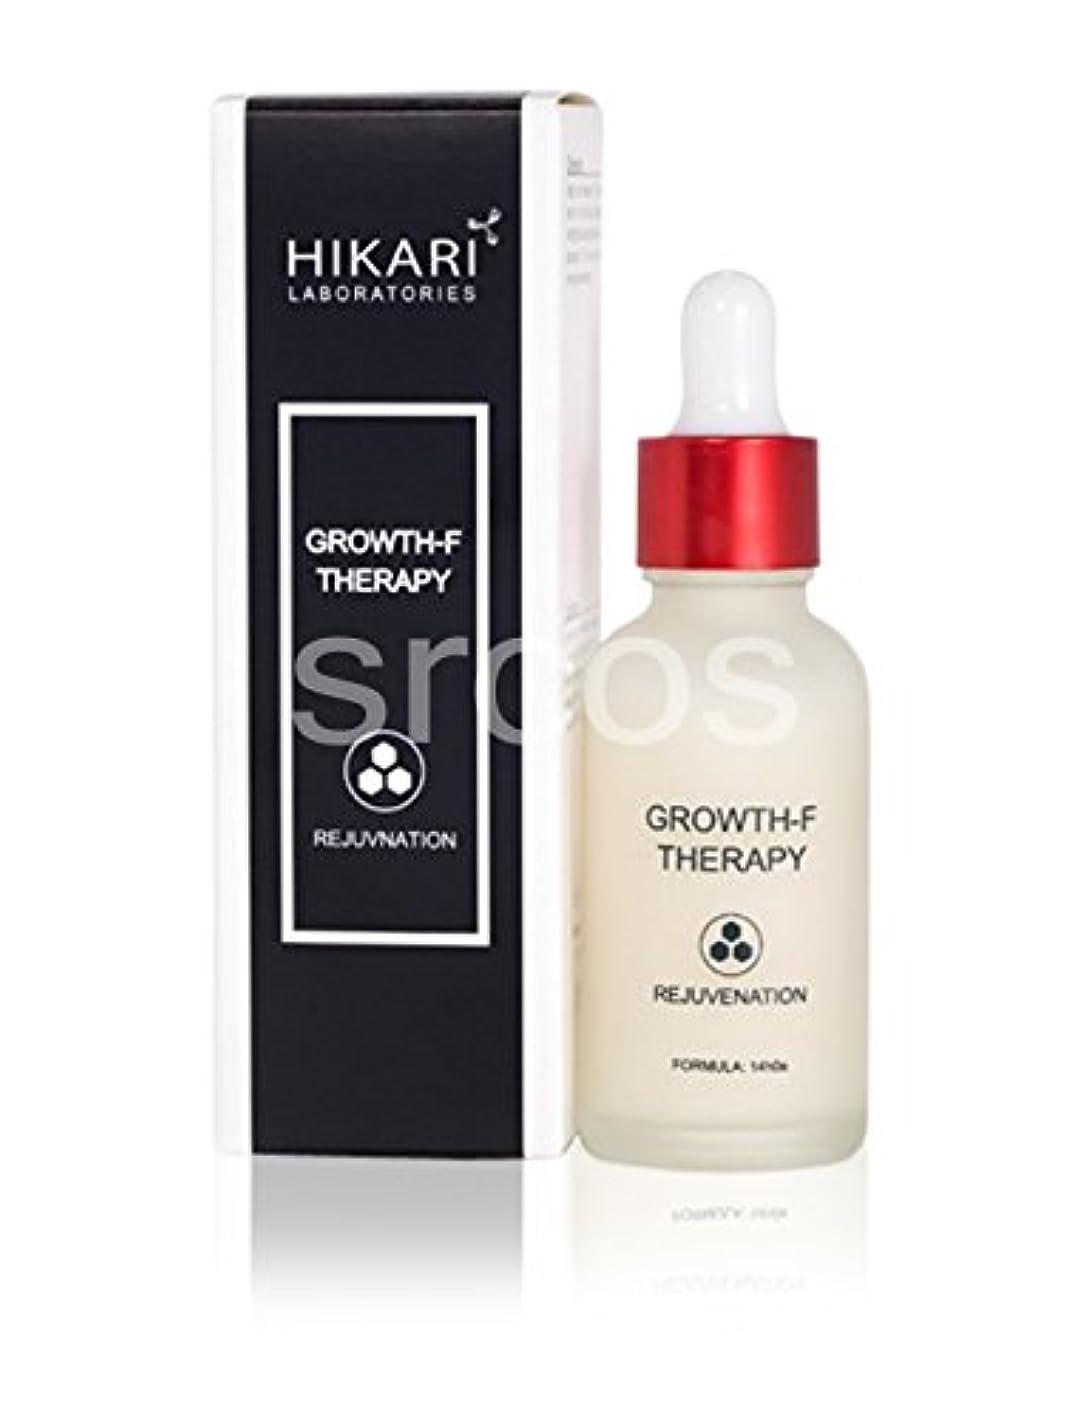 侵入圧縮するそばにHikari Rejuvenation Growth-F Therapy Serum 30ml